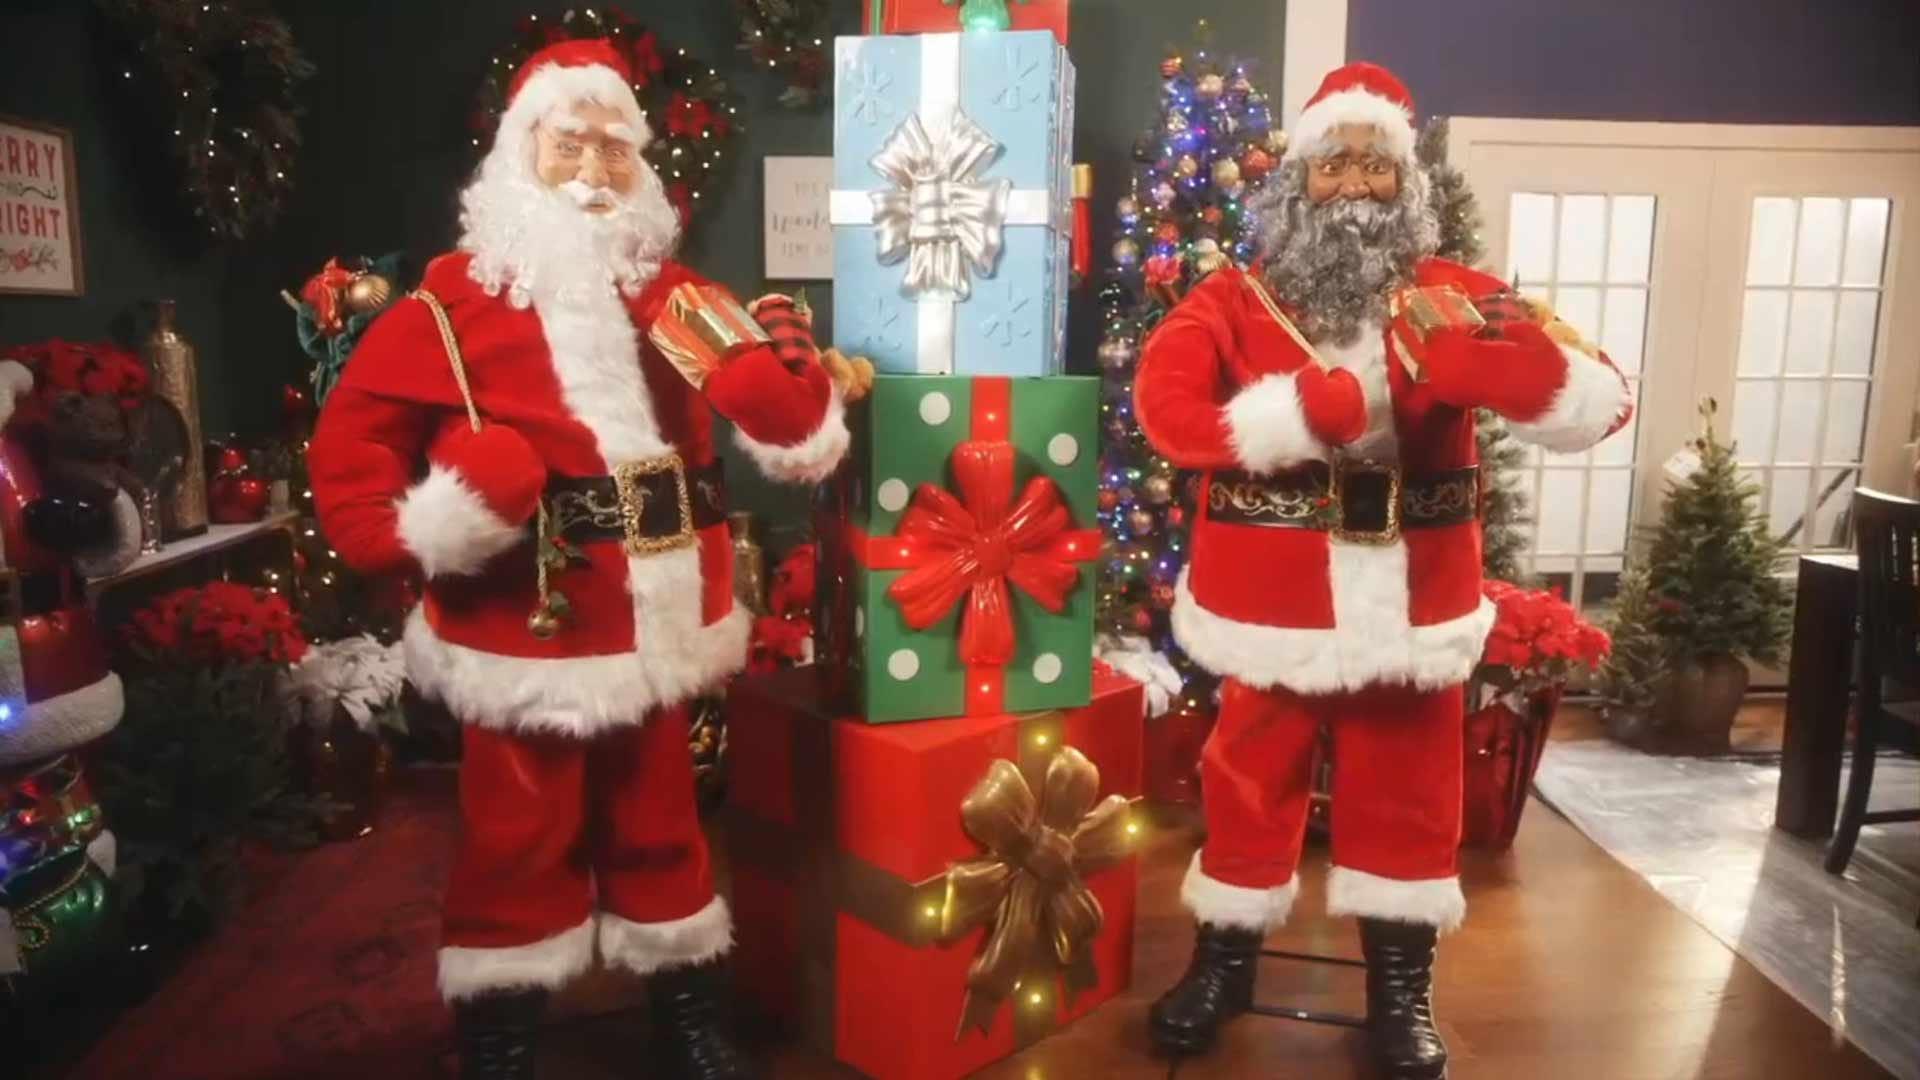 Праздничный зал, украшенный Дедами Морозами в натуральную величину.